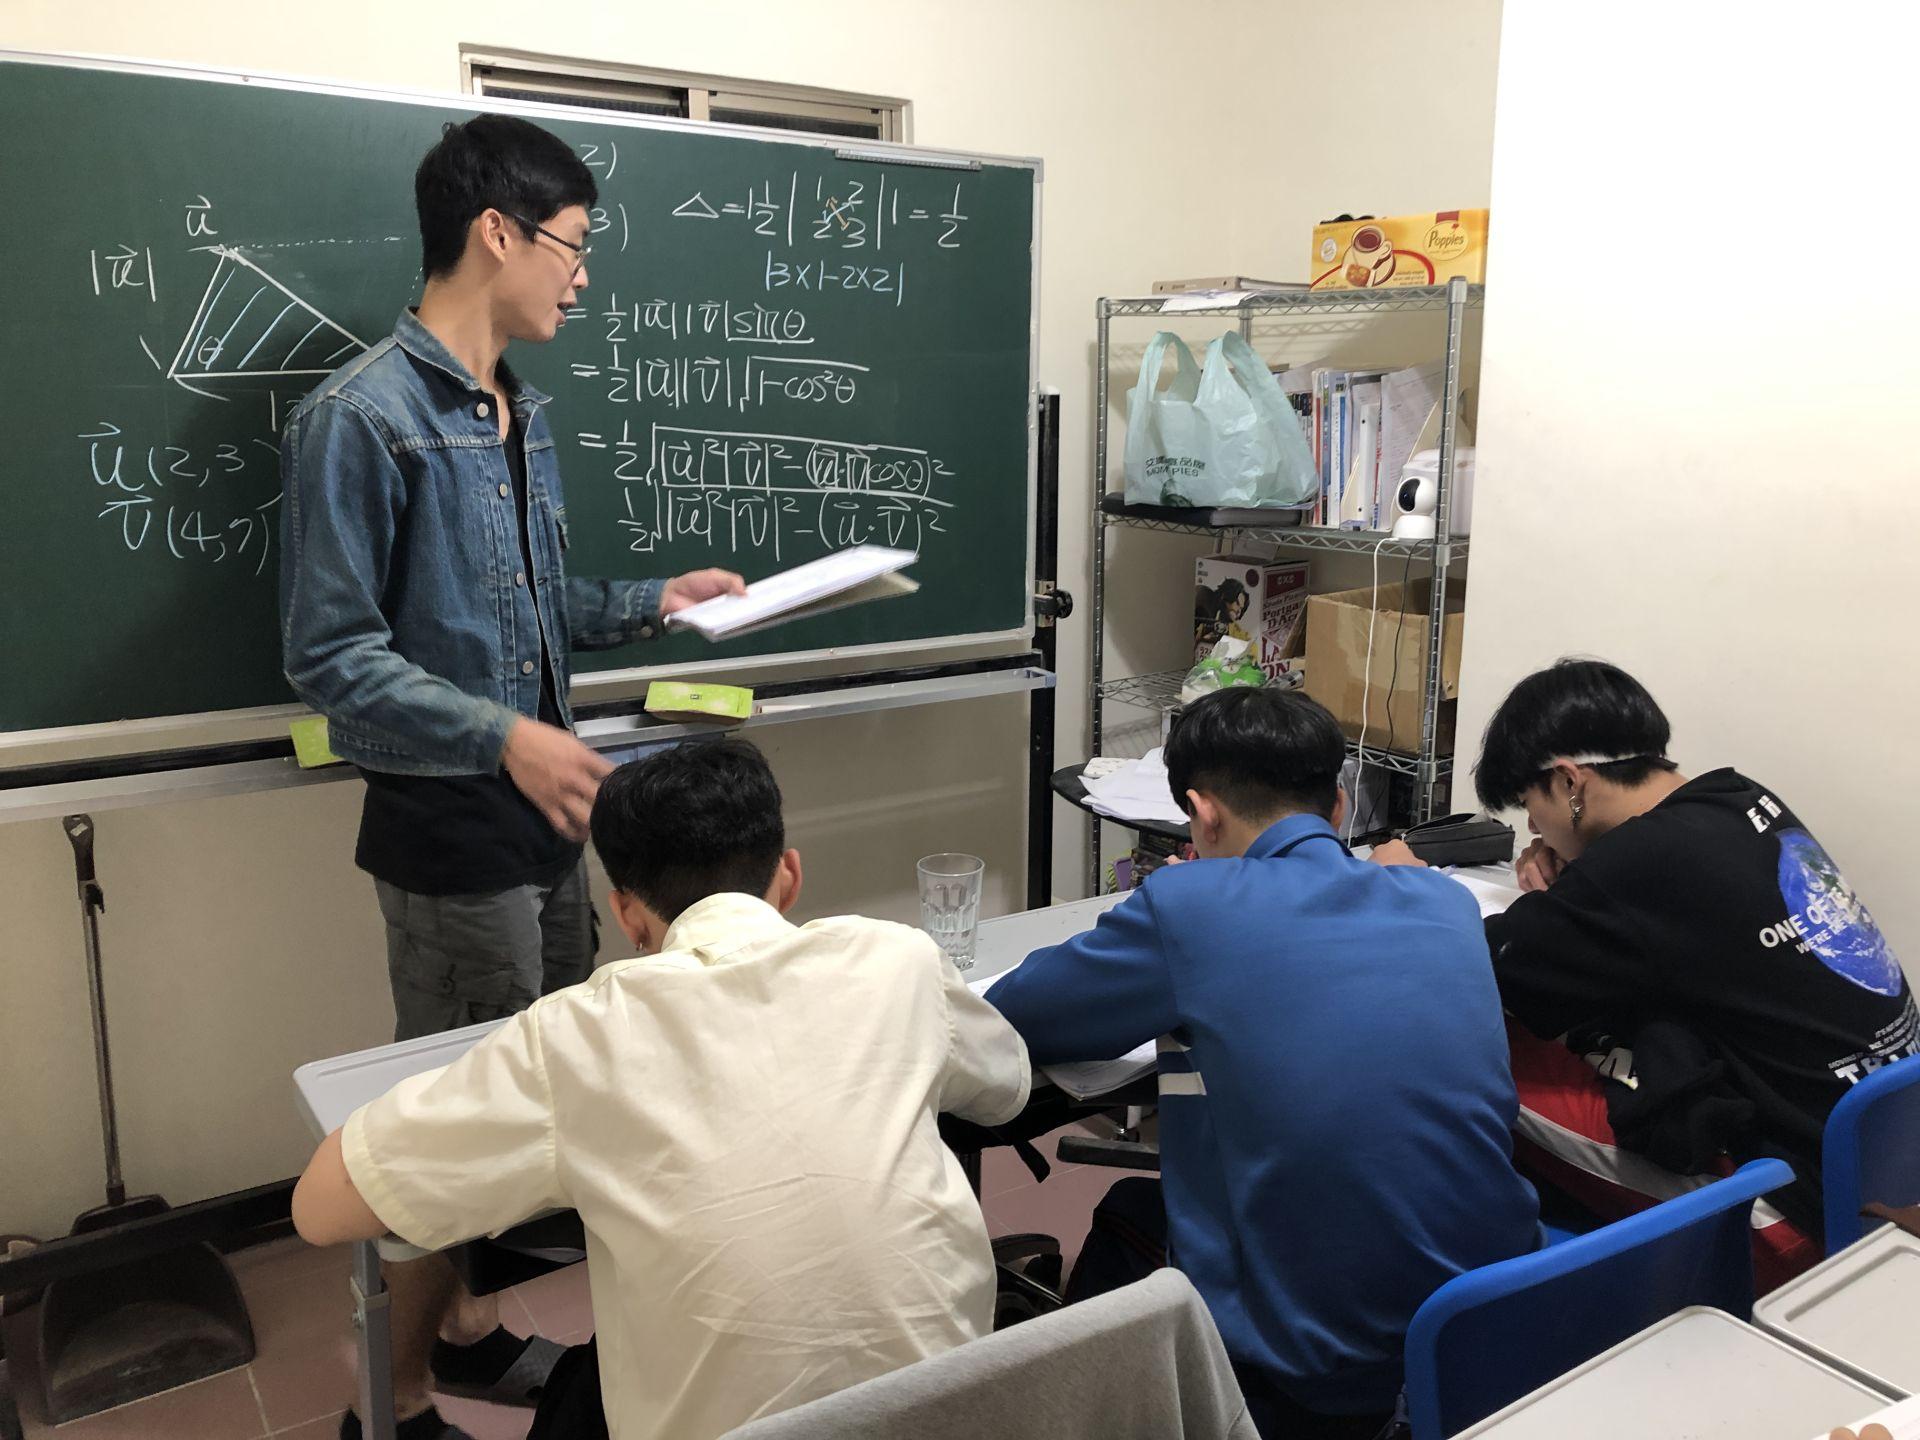 政大高材生捨財金生涯 踏入補教業 實踐教學理想-蘇哲老師專訪(下)